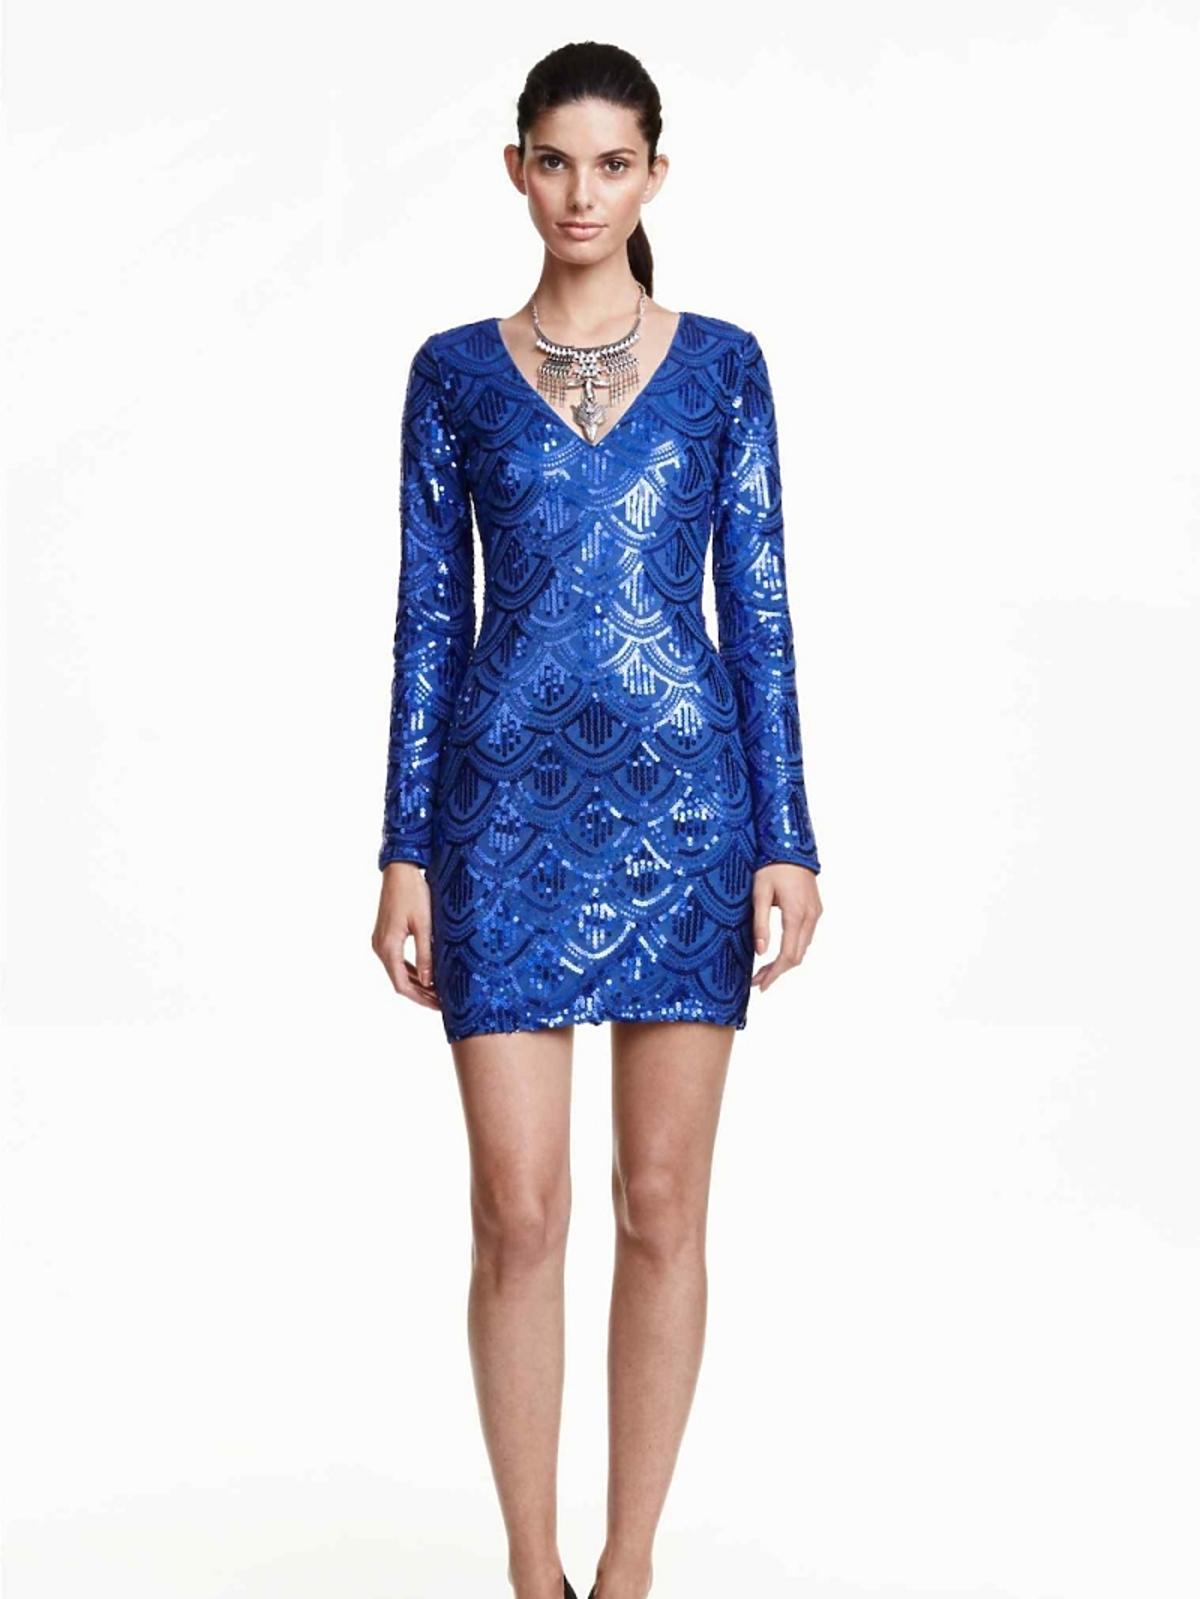 Kobaltowa sukienka z cekinami H&M, 82,90 zł (było: 139,90 zł)